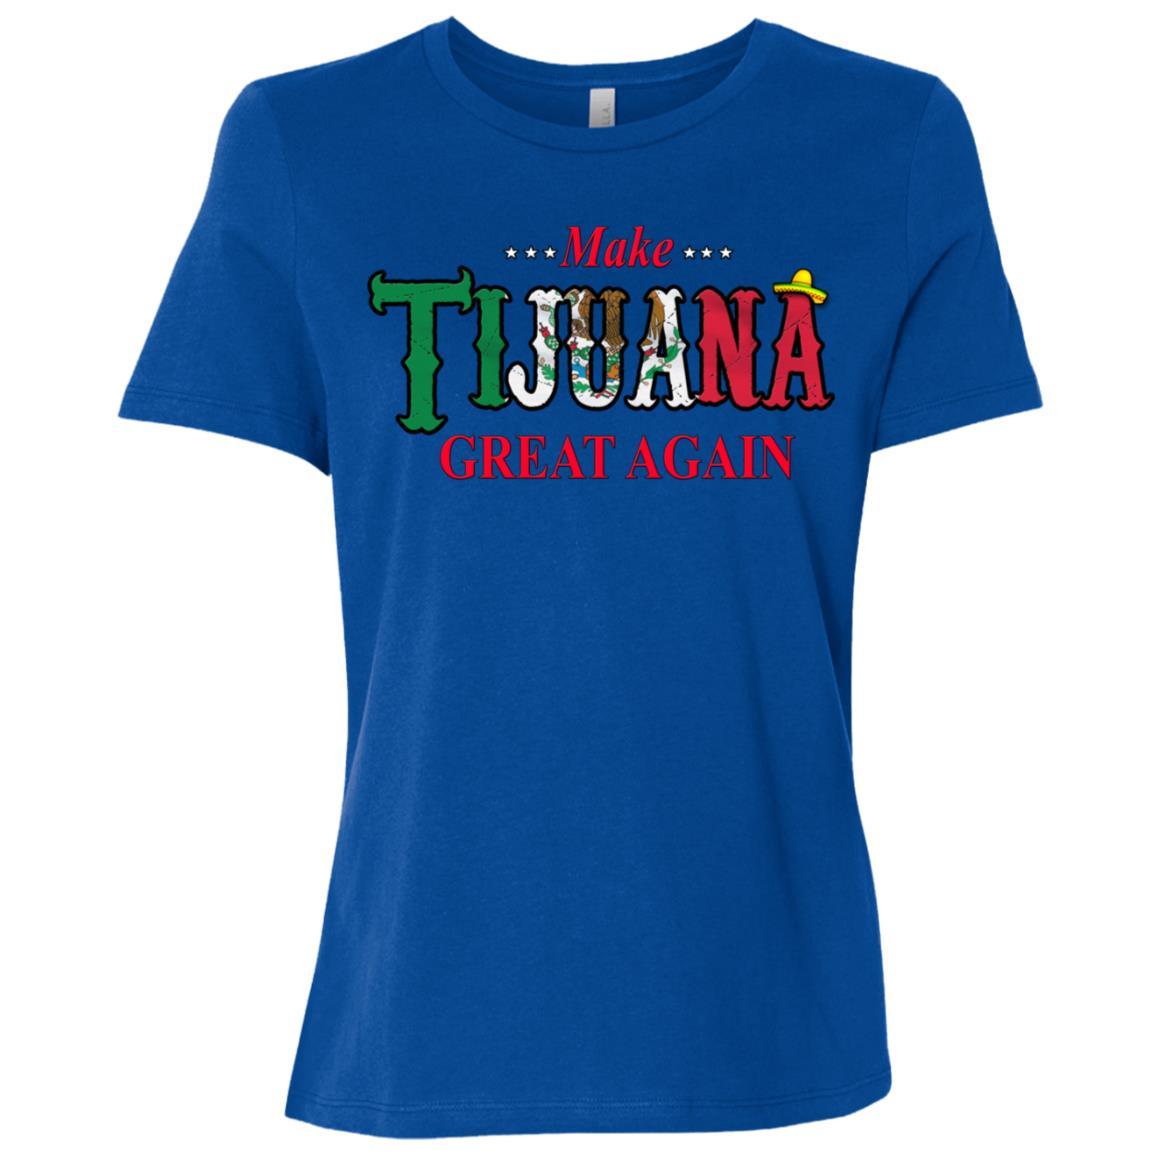 Make Tijuana Mexico Great Again Funny Gift Idea s-3 Women Short Sleeve T-Shirt